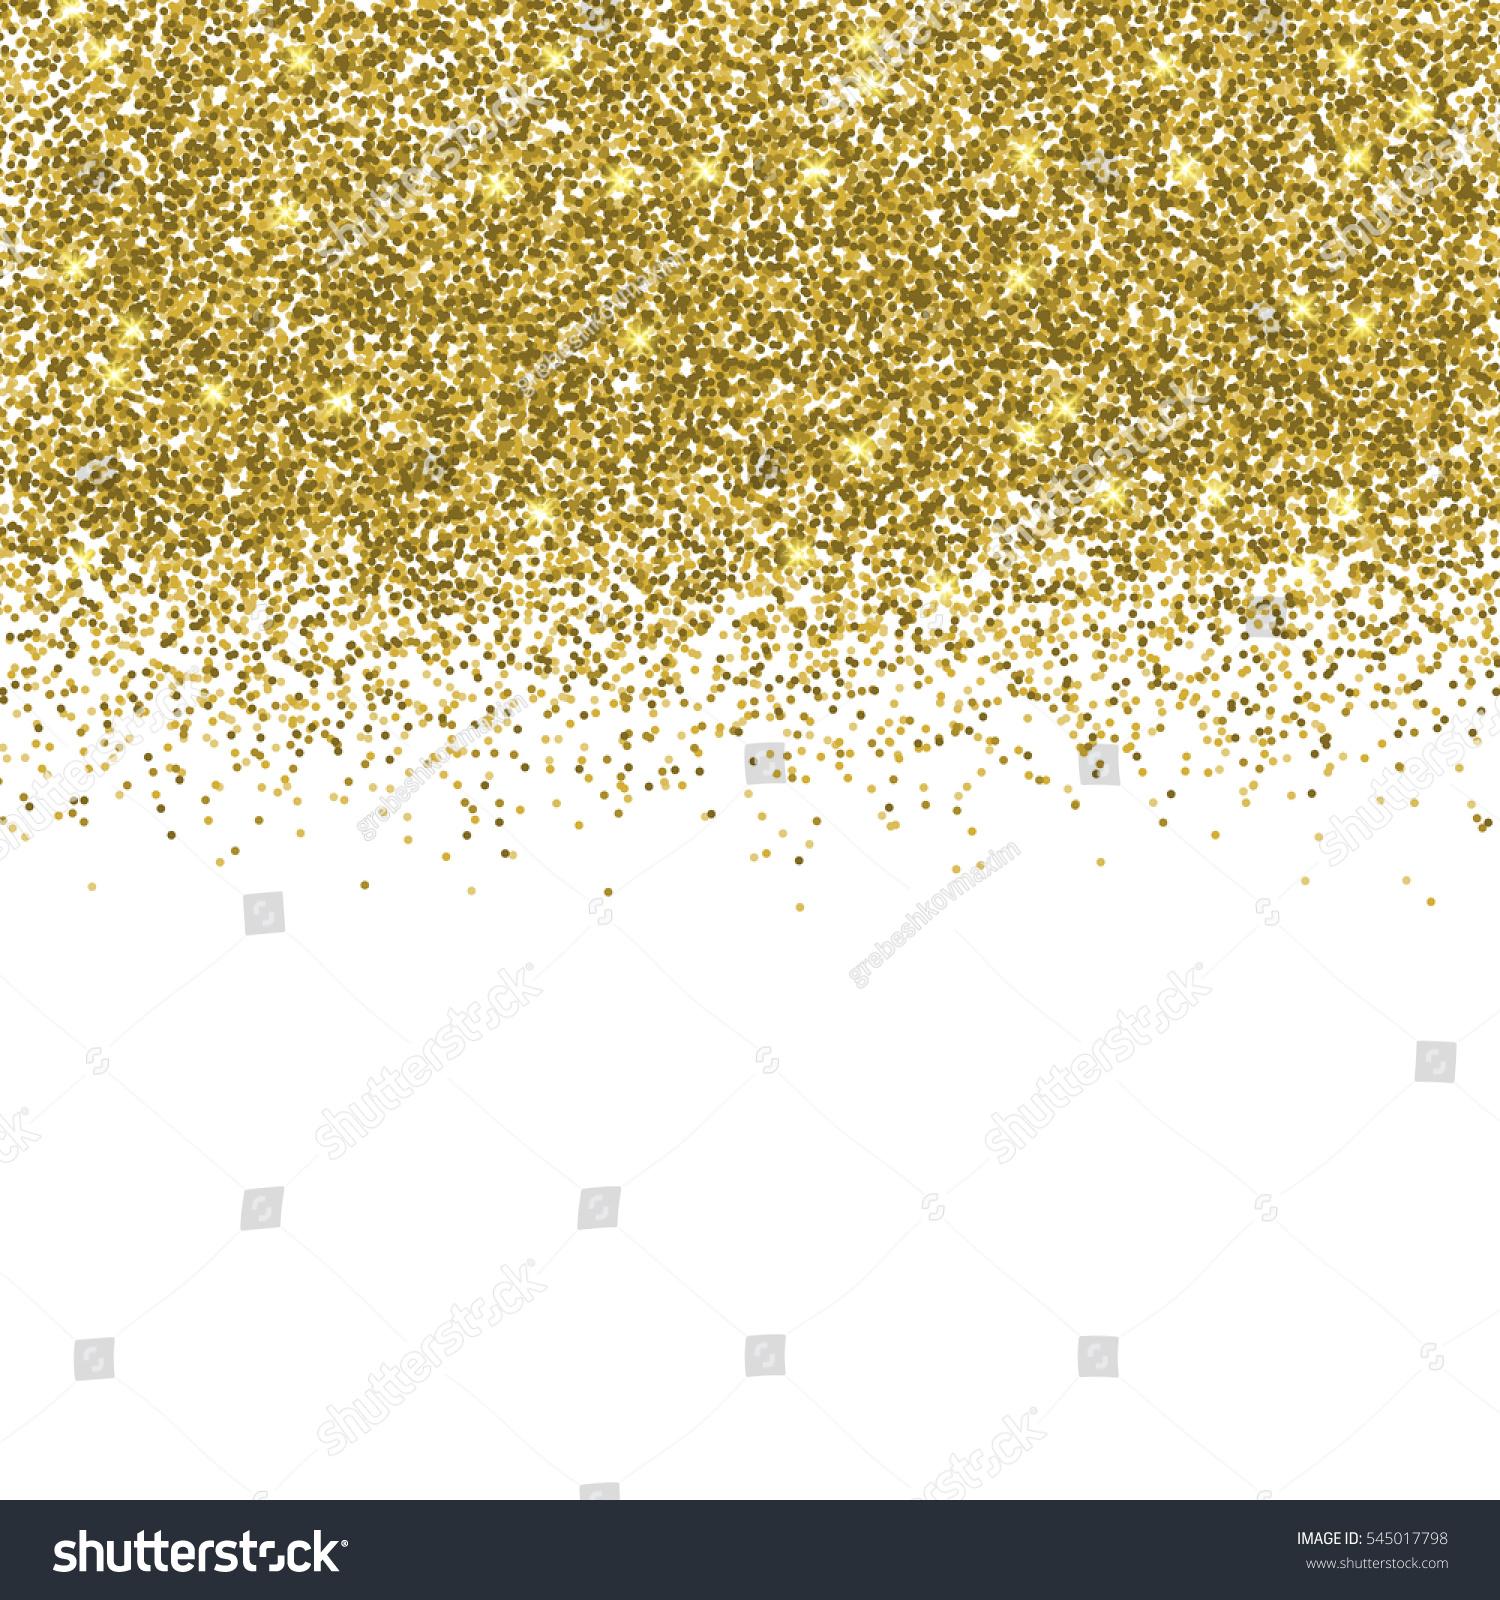 Confetti background vector golden confetti background - Vector Gold Glitter Confetti Pattern On White Background Shine Premium Wallpaper For Vip Greeting Card